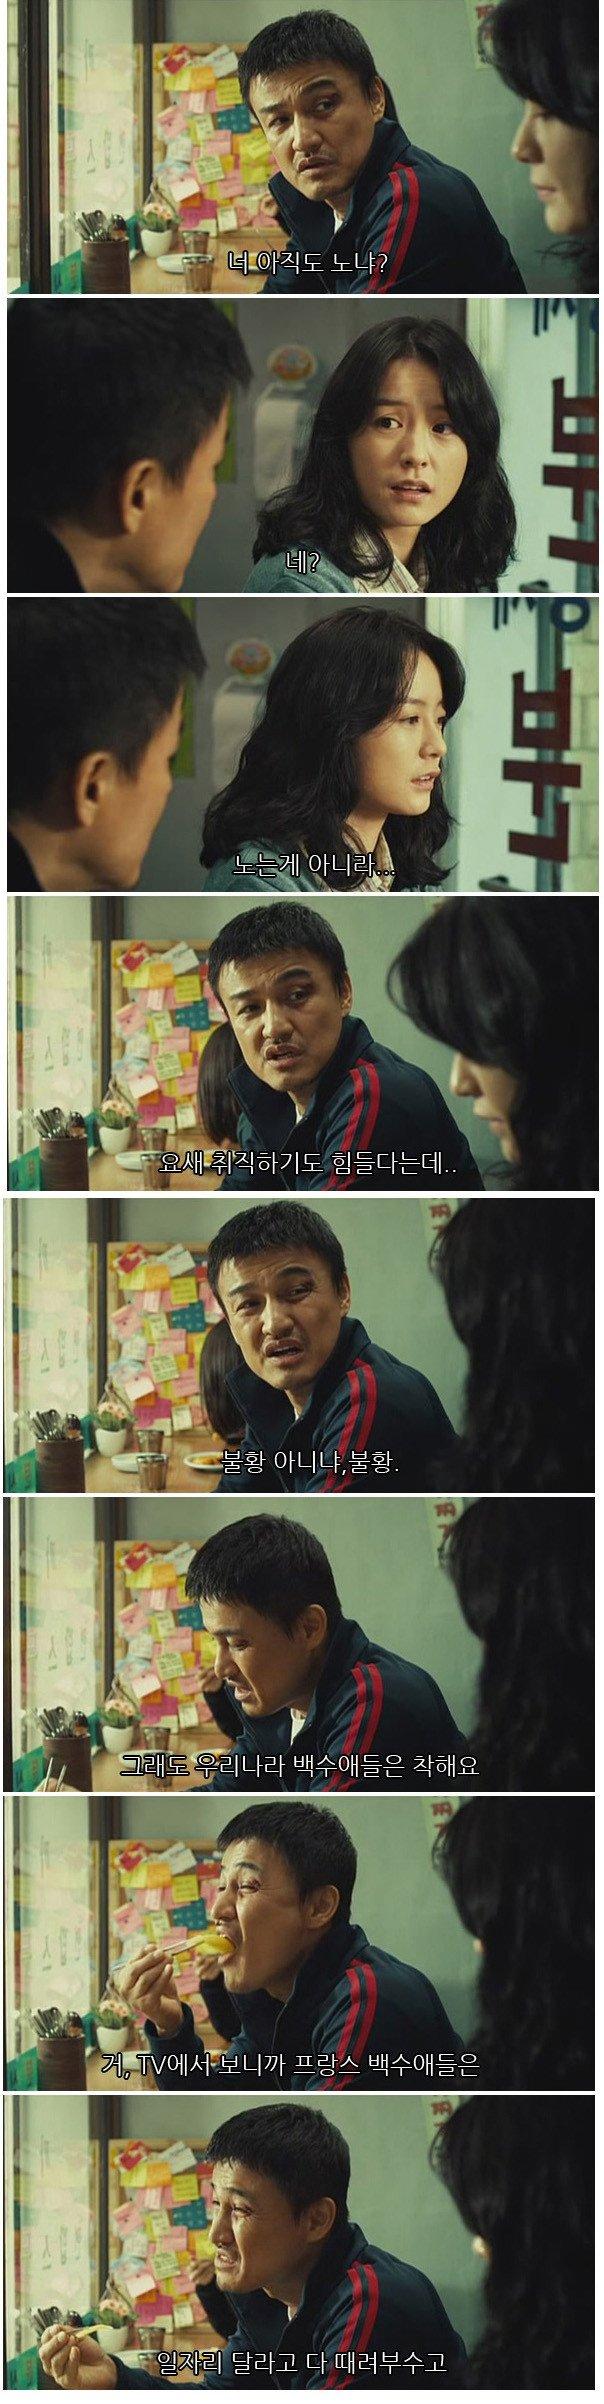 박중훈1.jpg 생각없이 봤는데 의외로 꿀잼이였던 영화.JPG